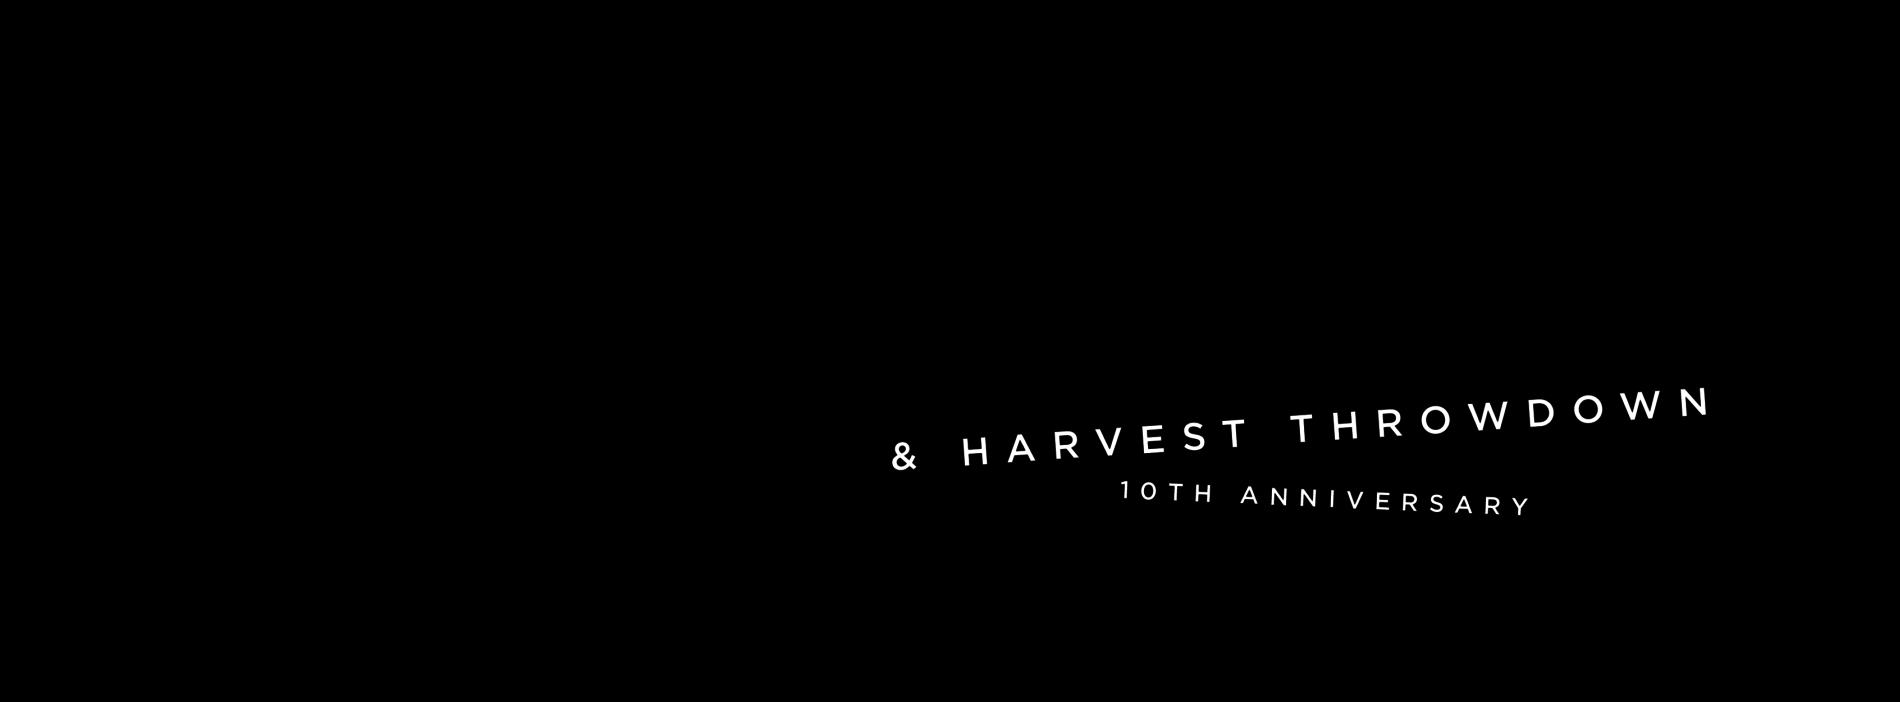 Valley Vine and Harvest Throwdown